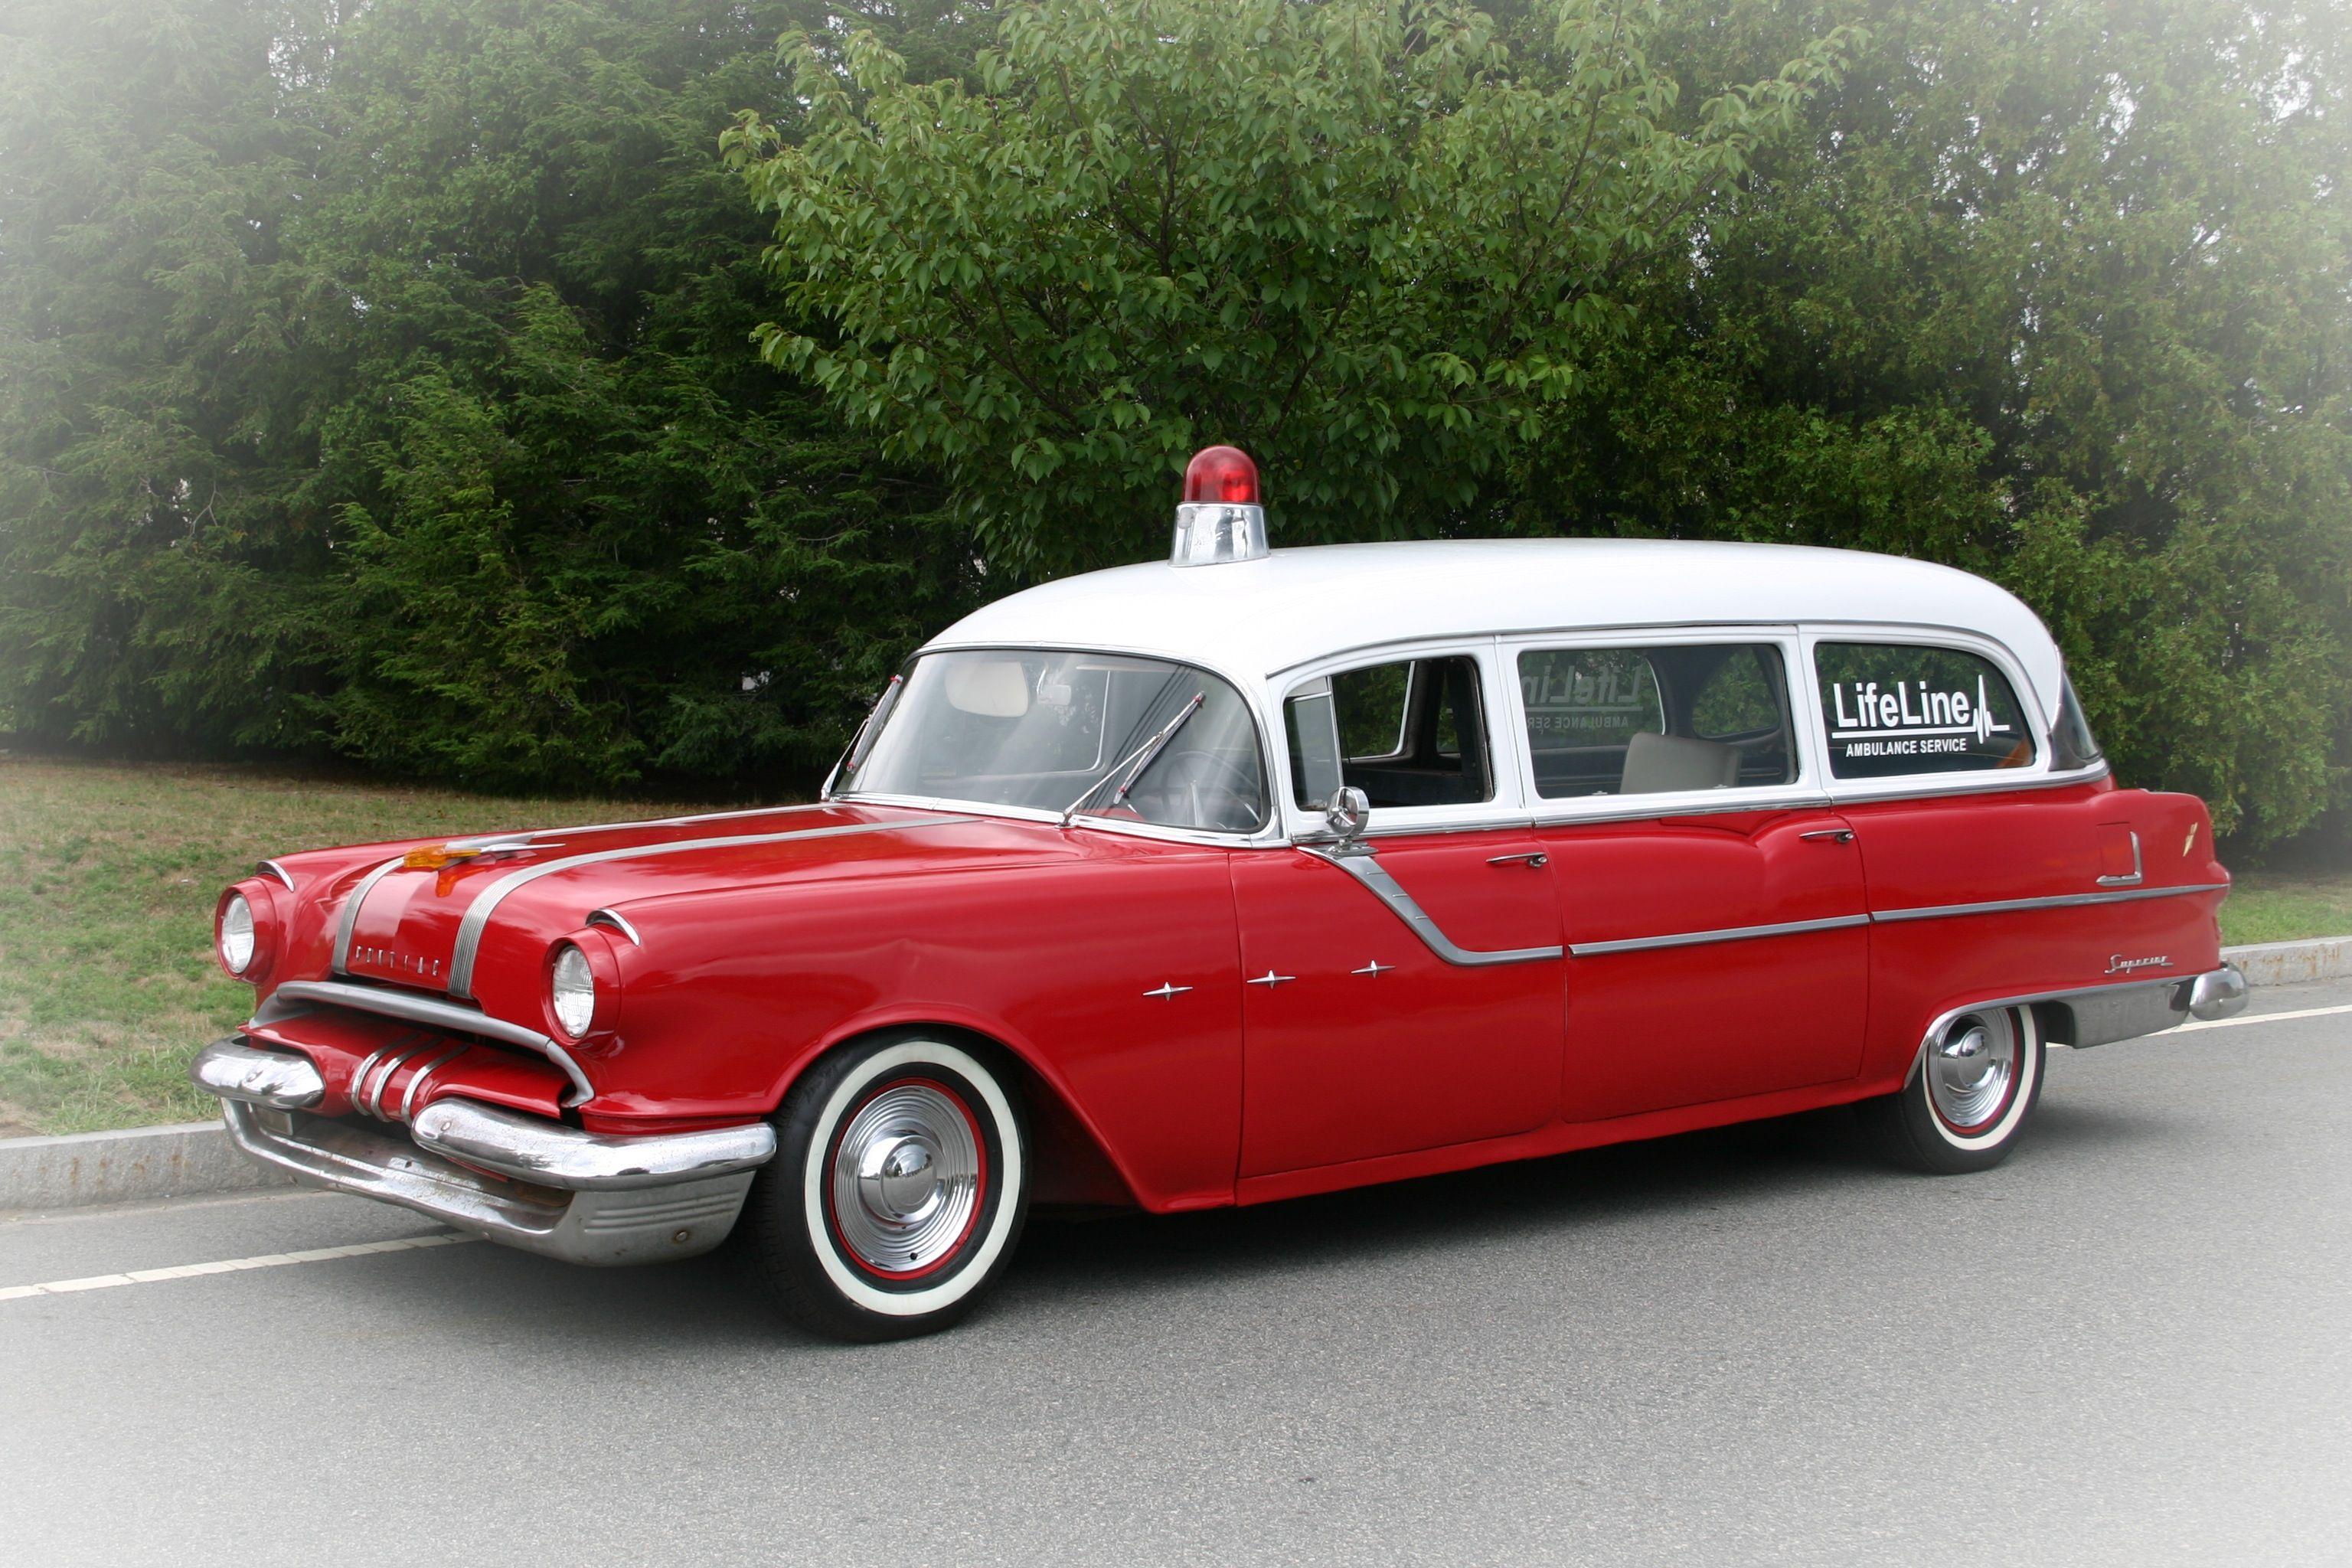 vintage Pontiac Ambulance